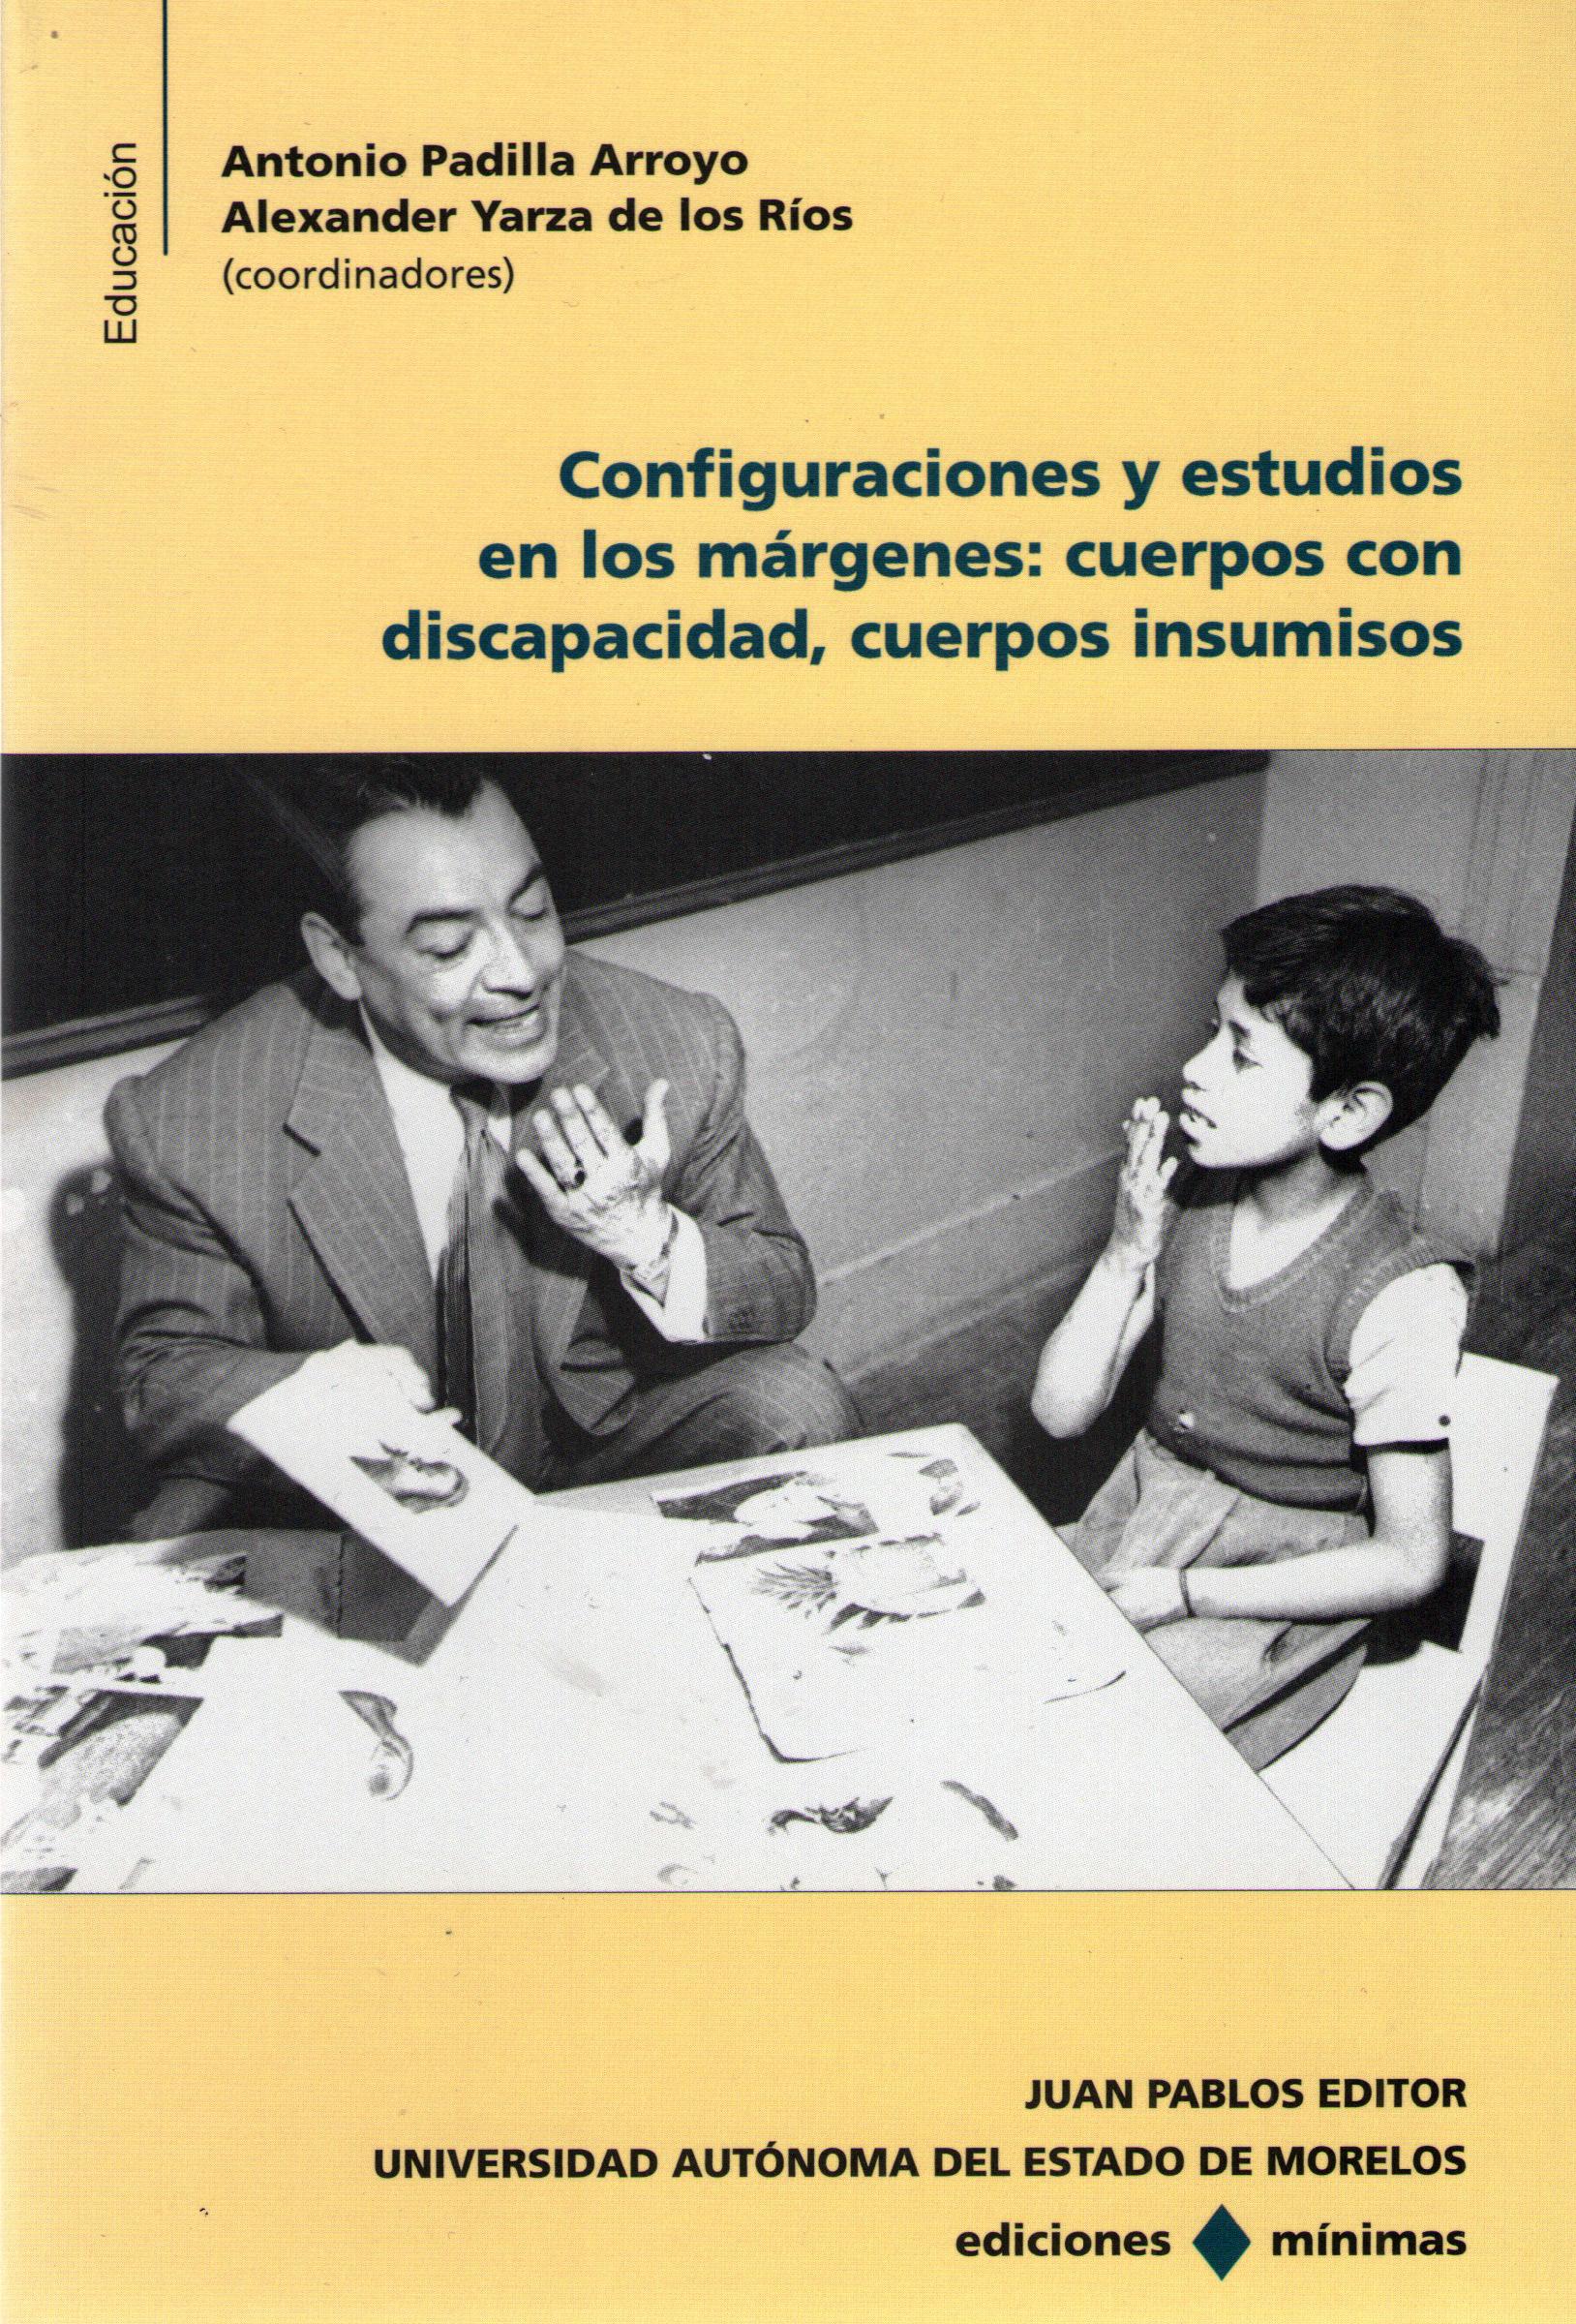 Configuraciones y estudios en los márgenes: cuerpos con discapacidad, cuerpos insumisos